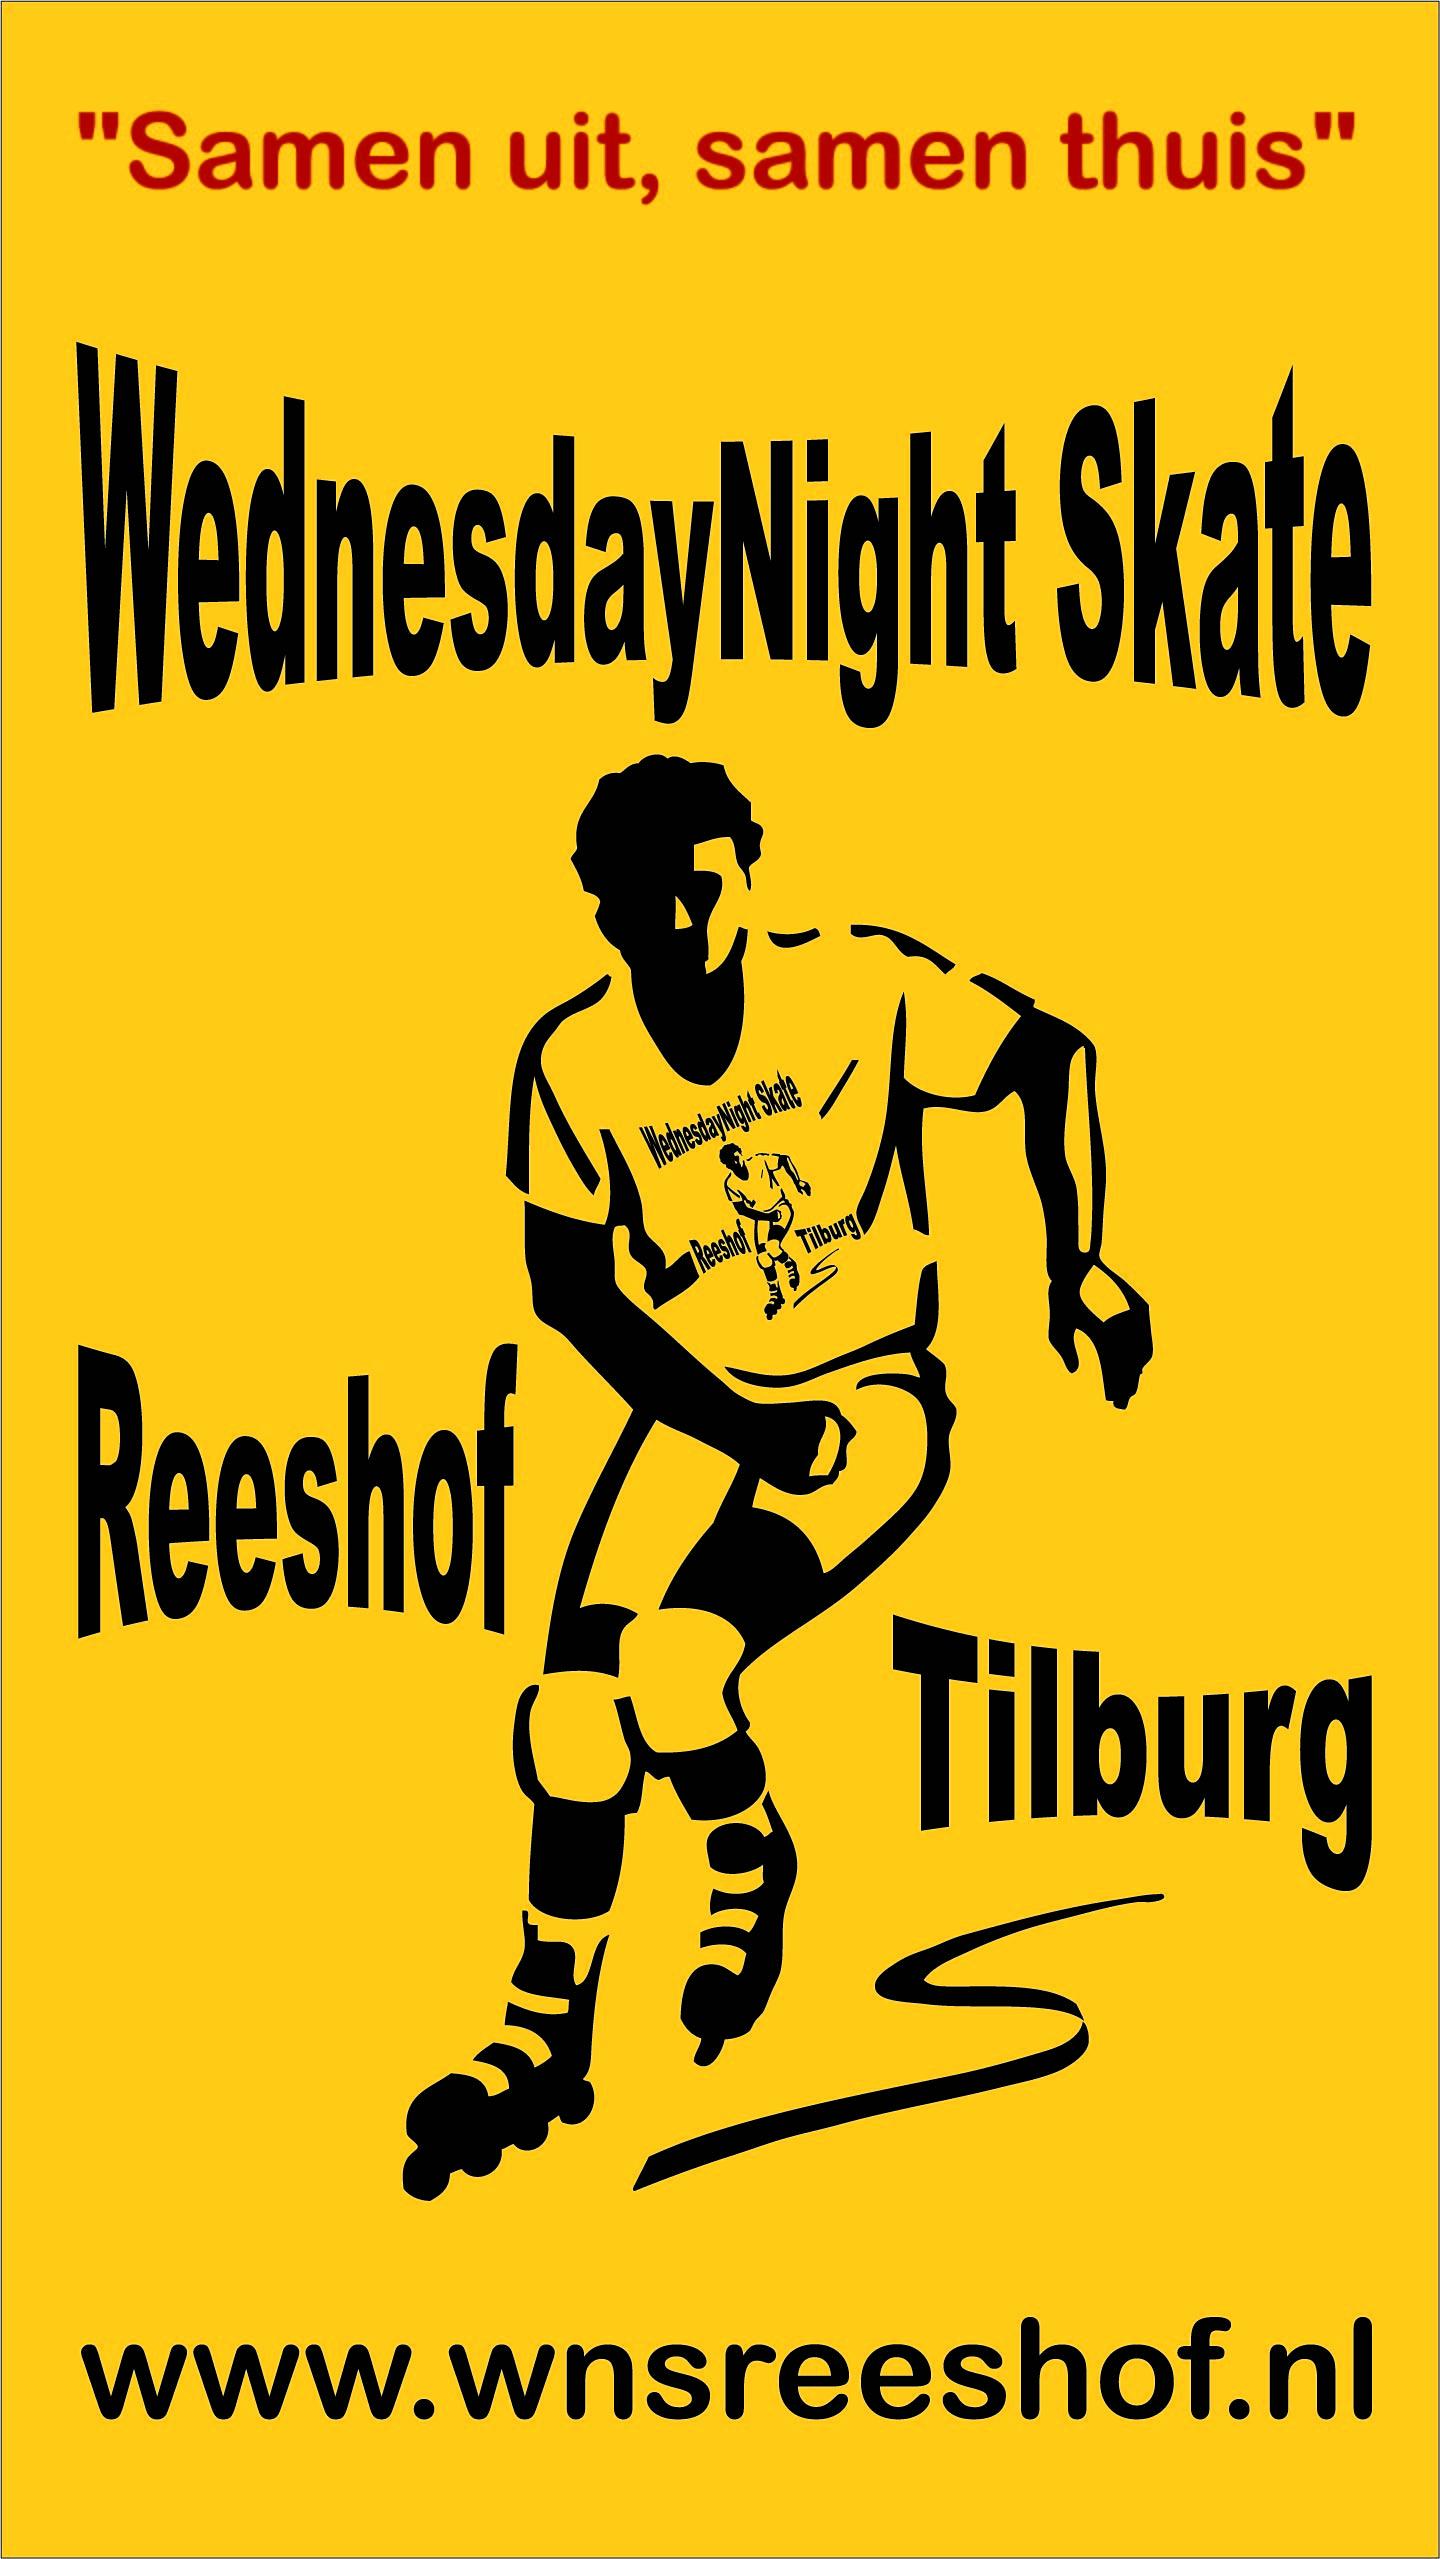 Wednesday Night Skate Reeshof